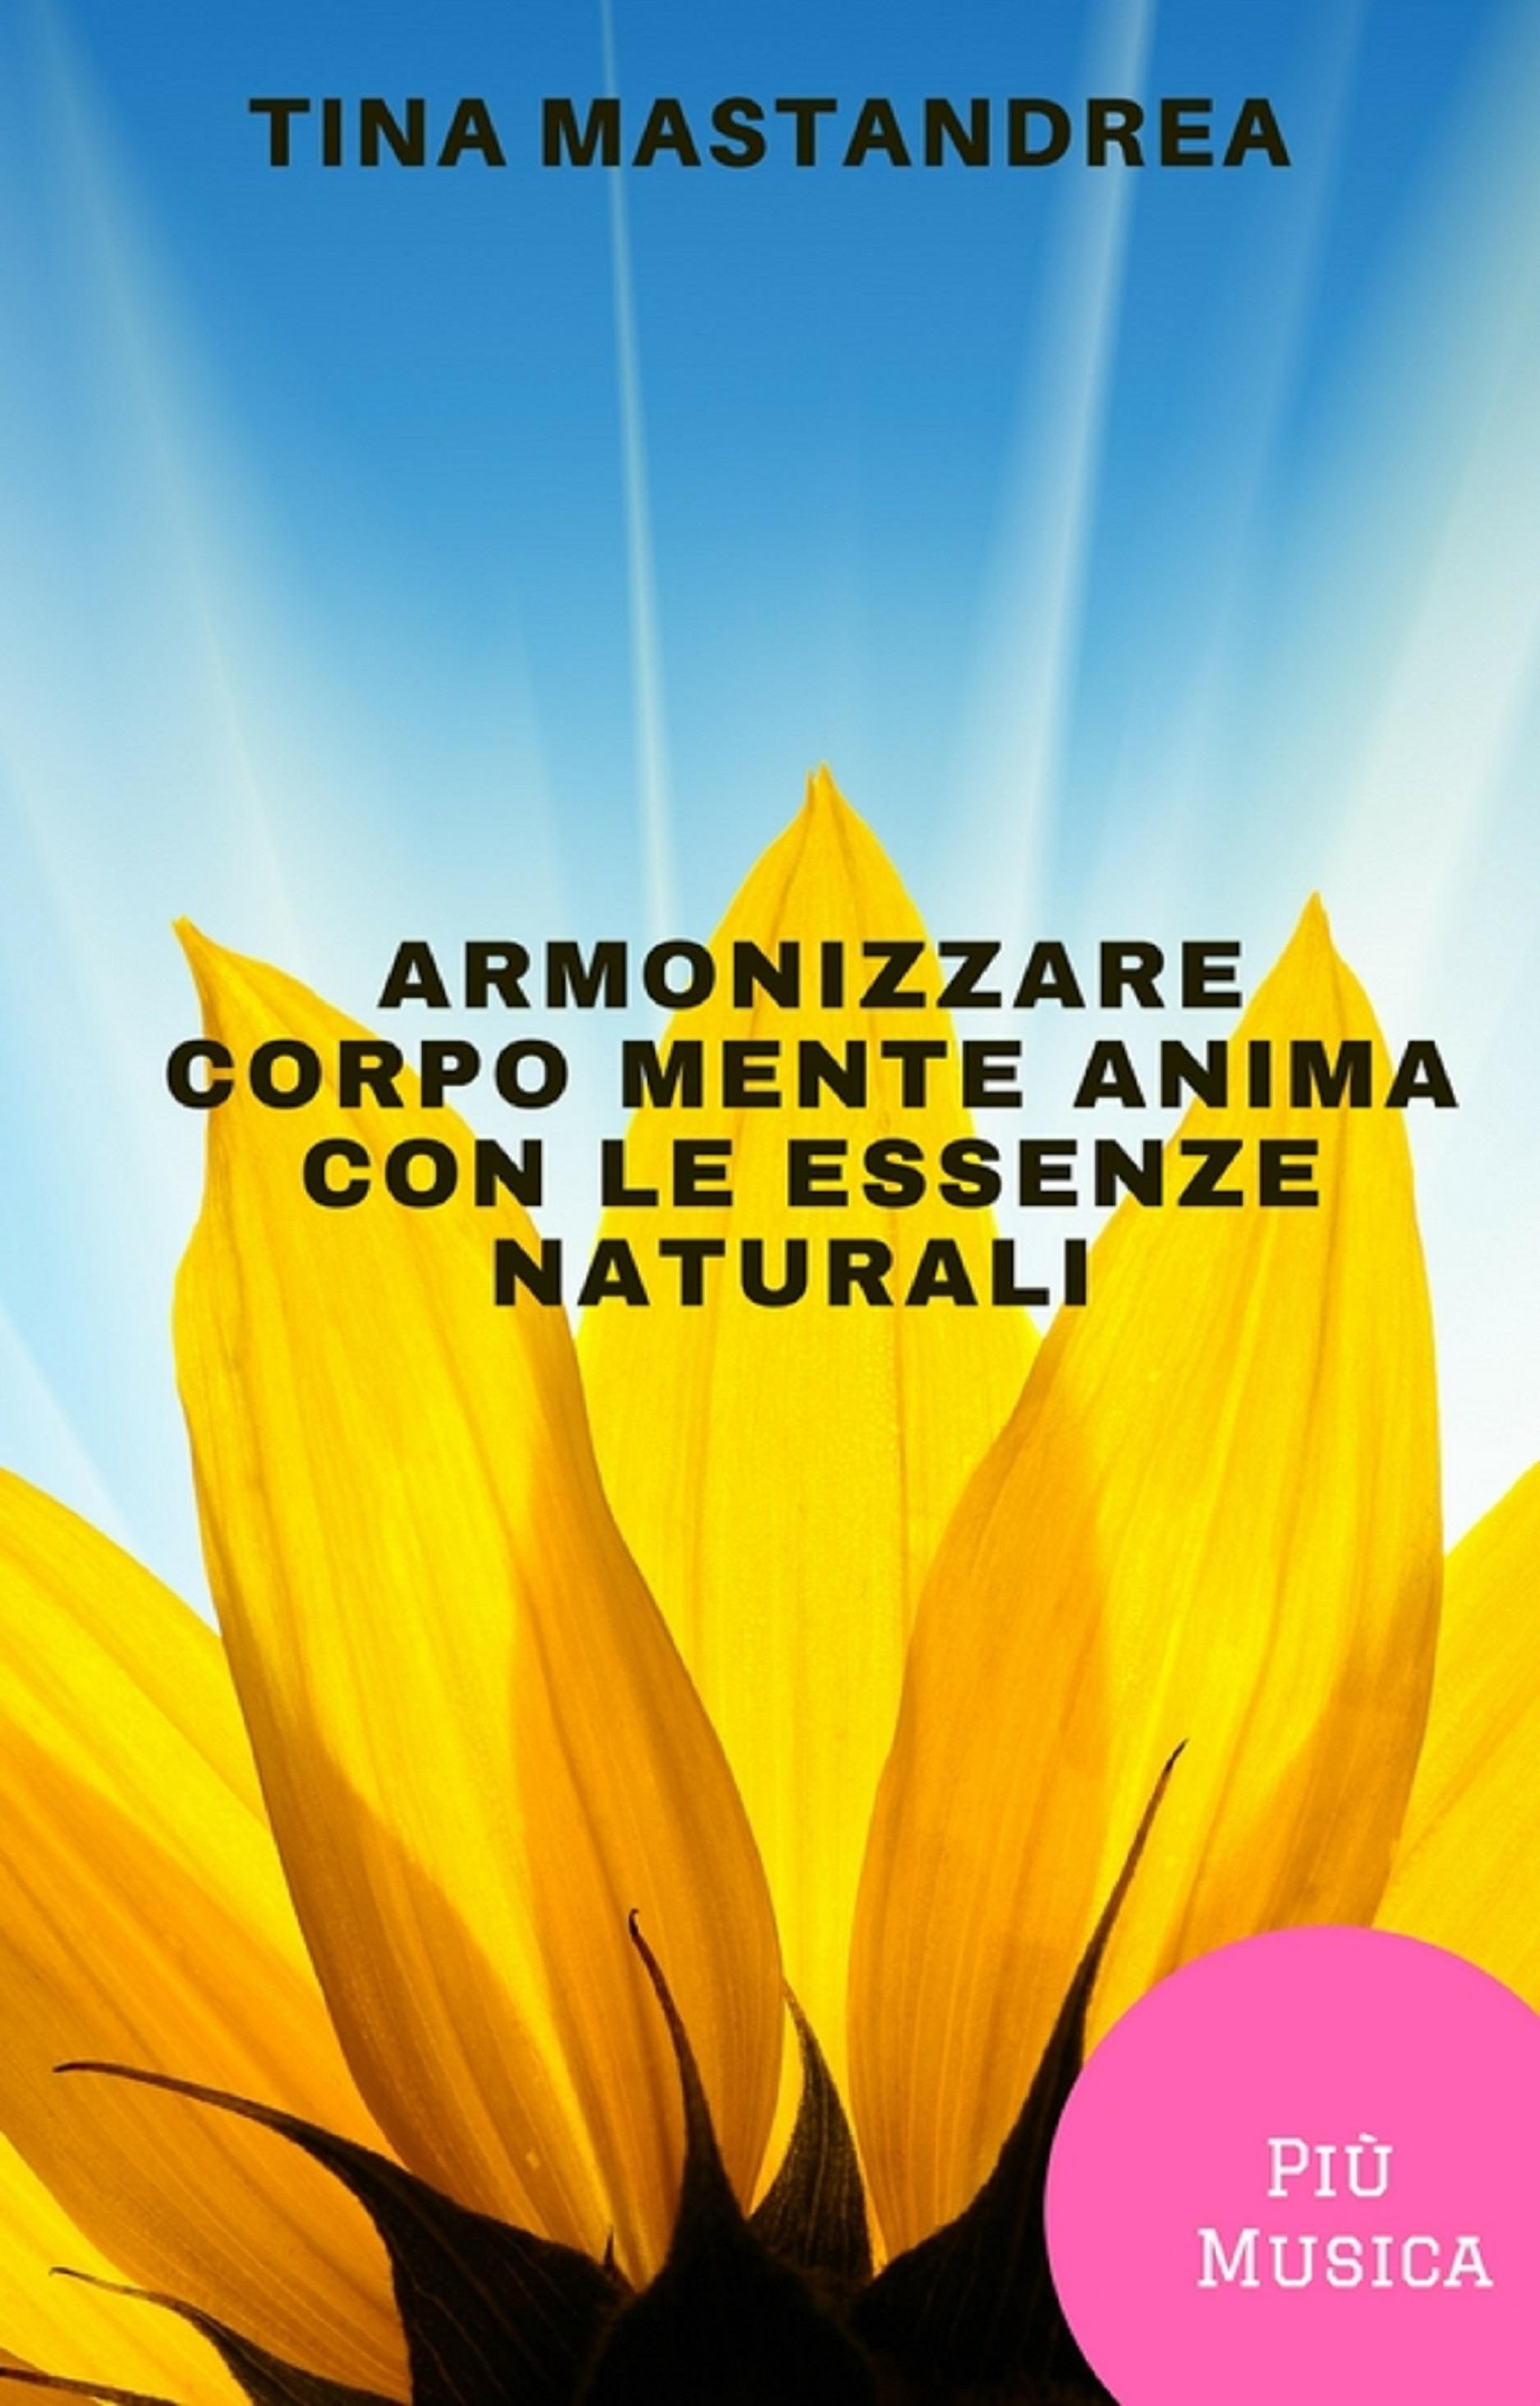 Armonizzare corpo, mente e anima con le essenze naturali